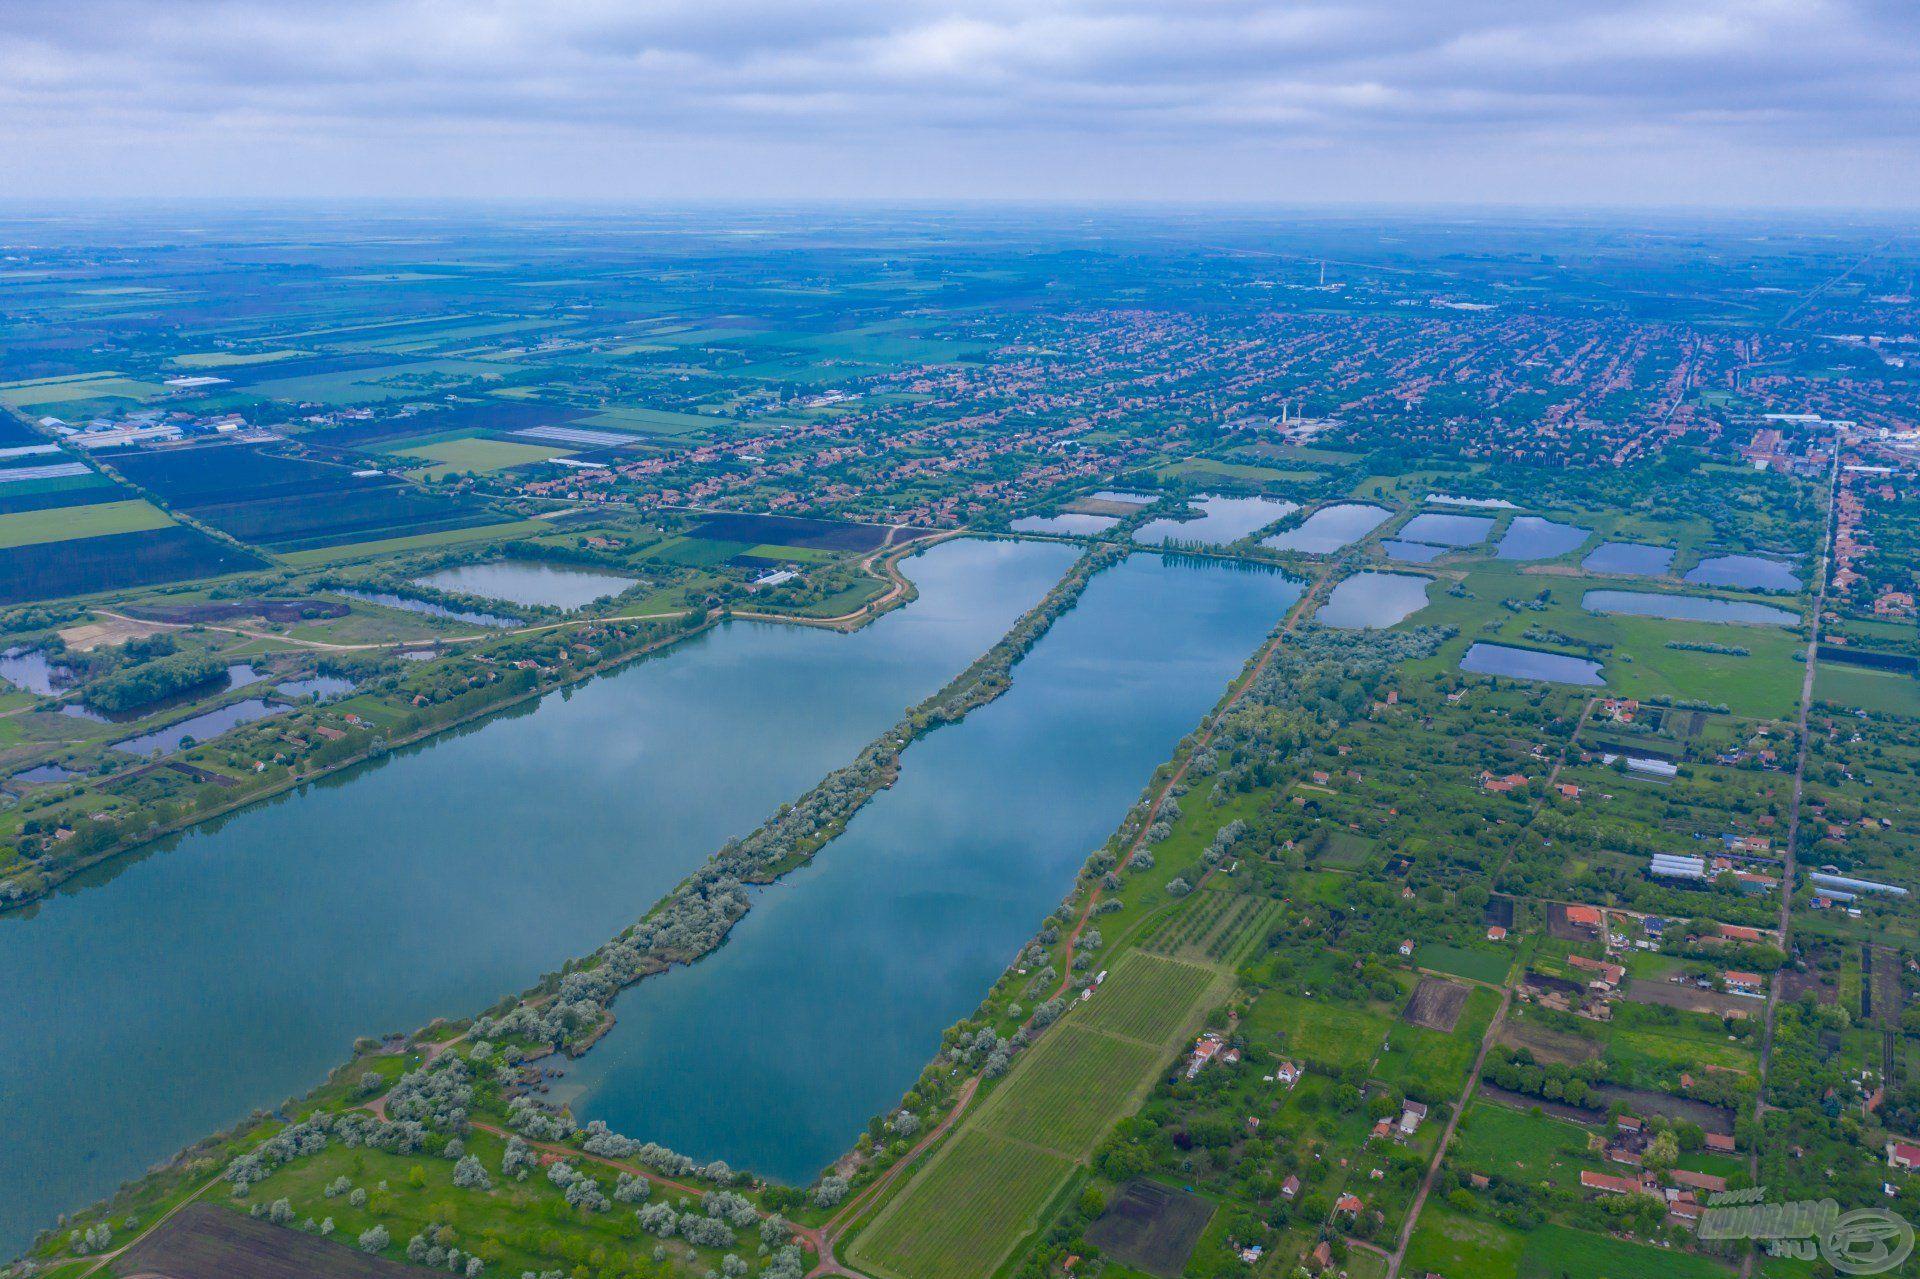 Amerre a szem ellát, csak víz és víz, ám egy kiemelkedik mind közül, ez a Csaba-tó